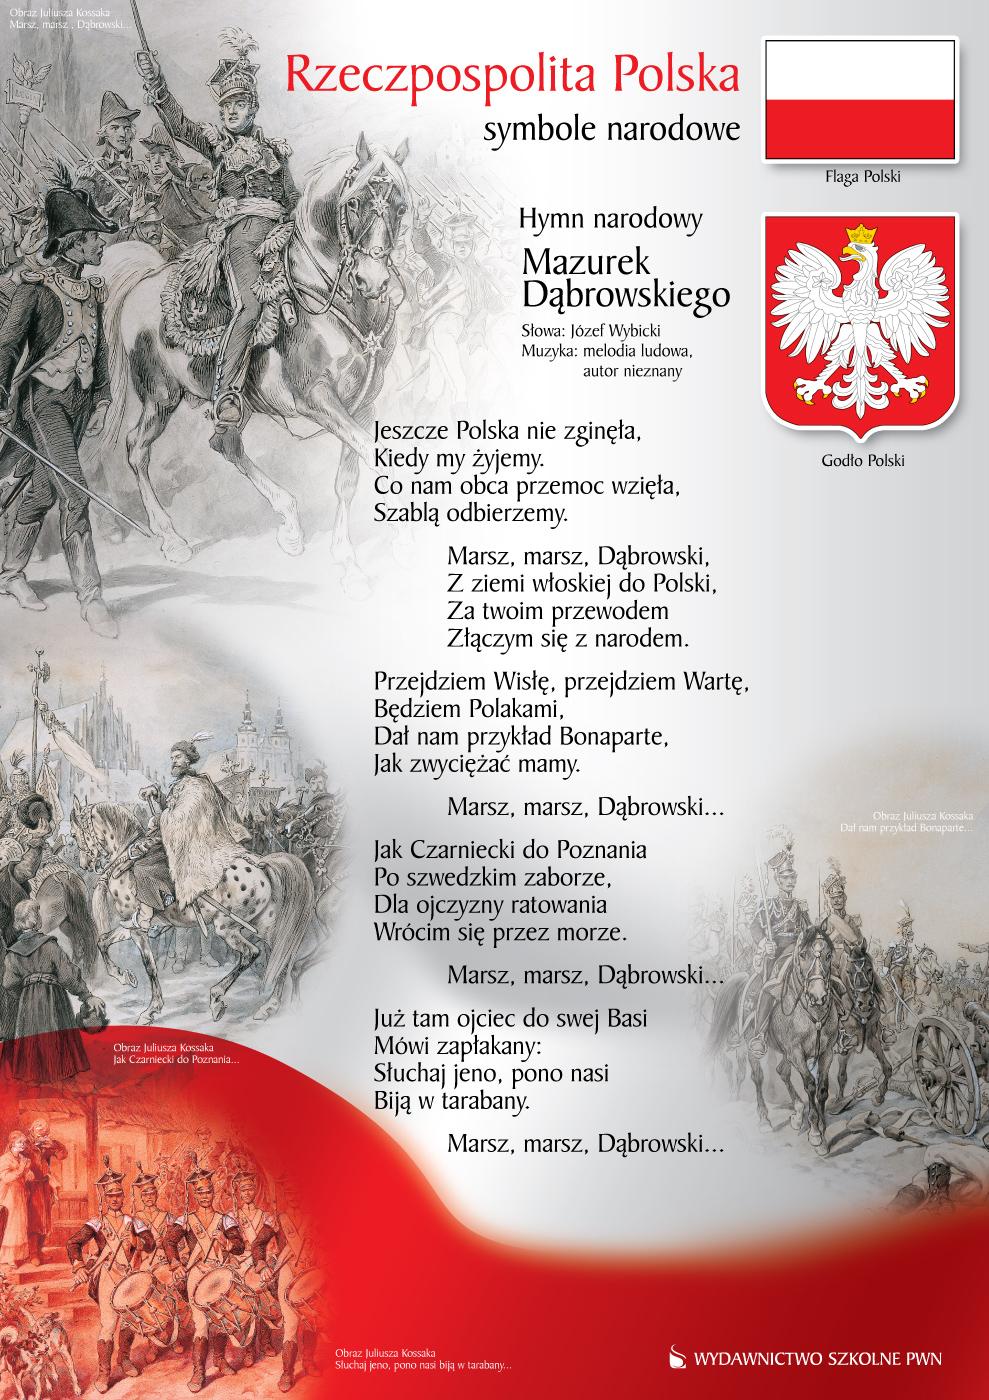 Слова польского гимна